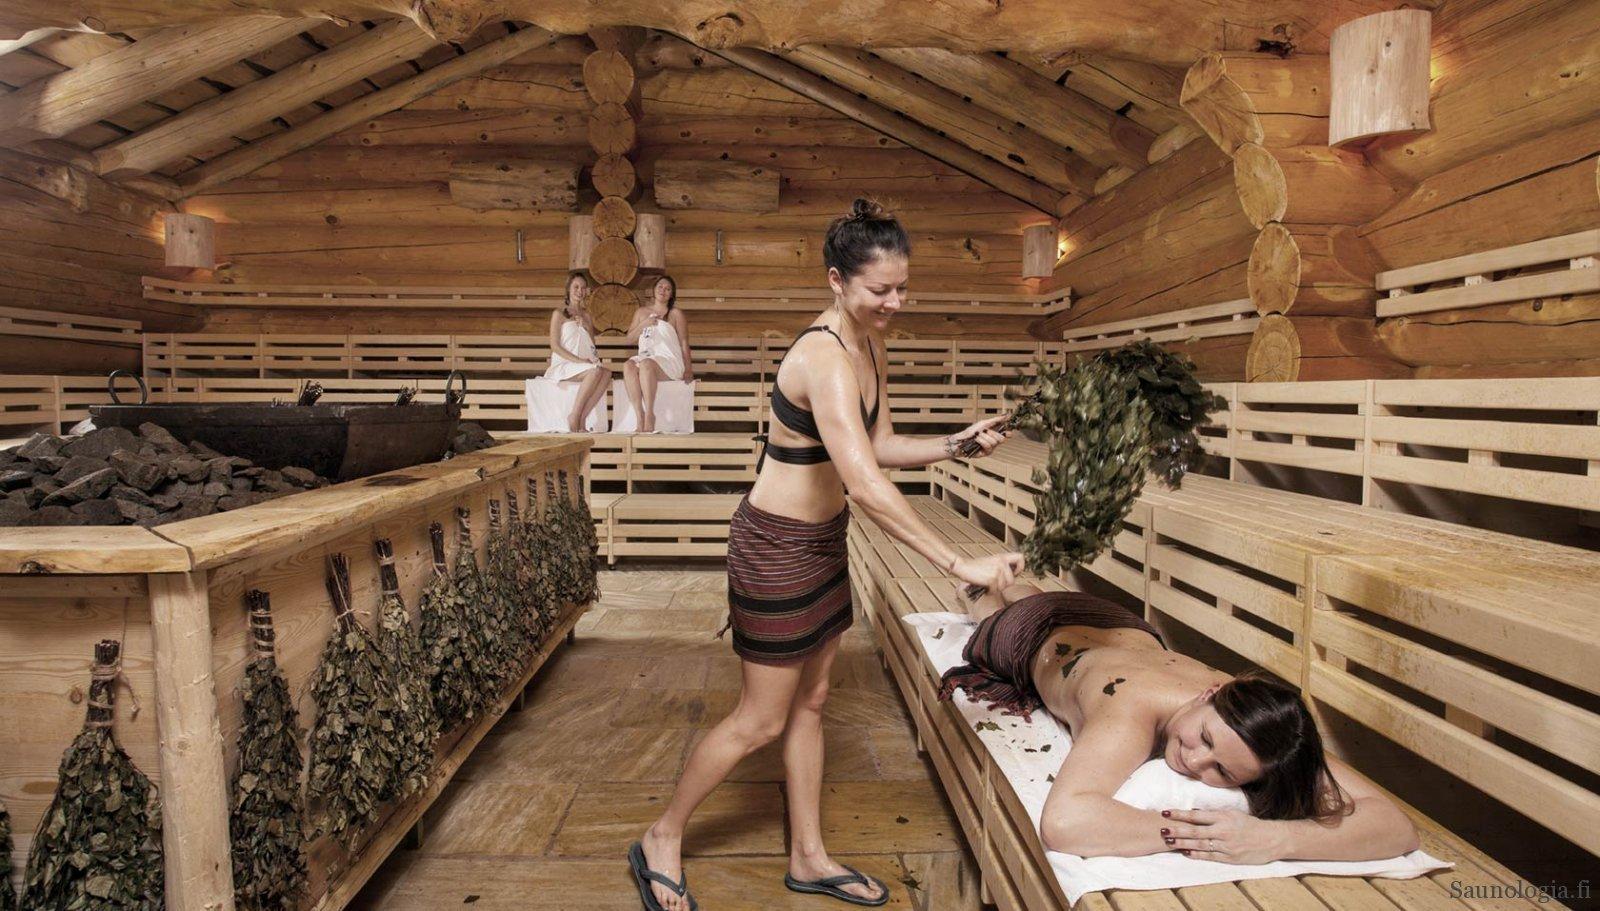 Sauna munich fkk Fkk Sunshine,